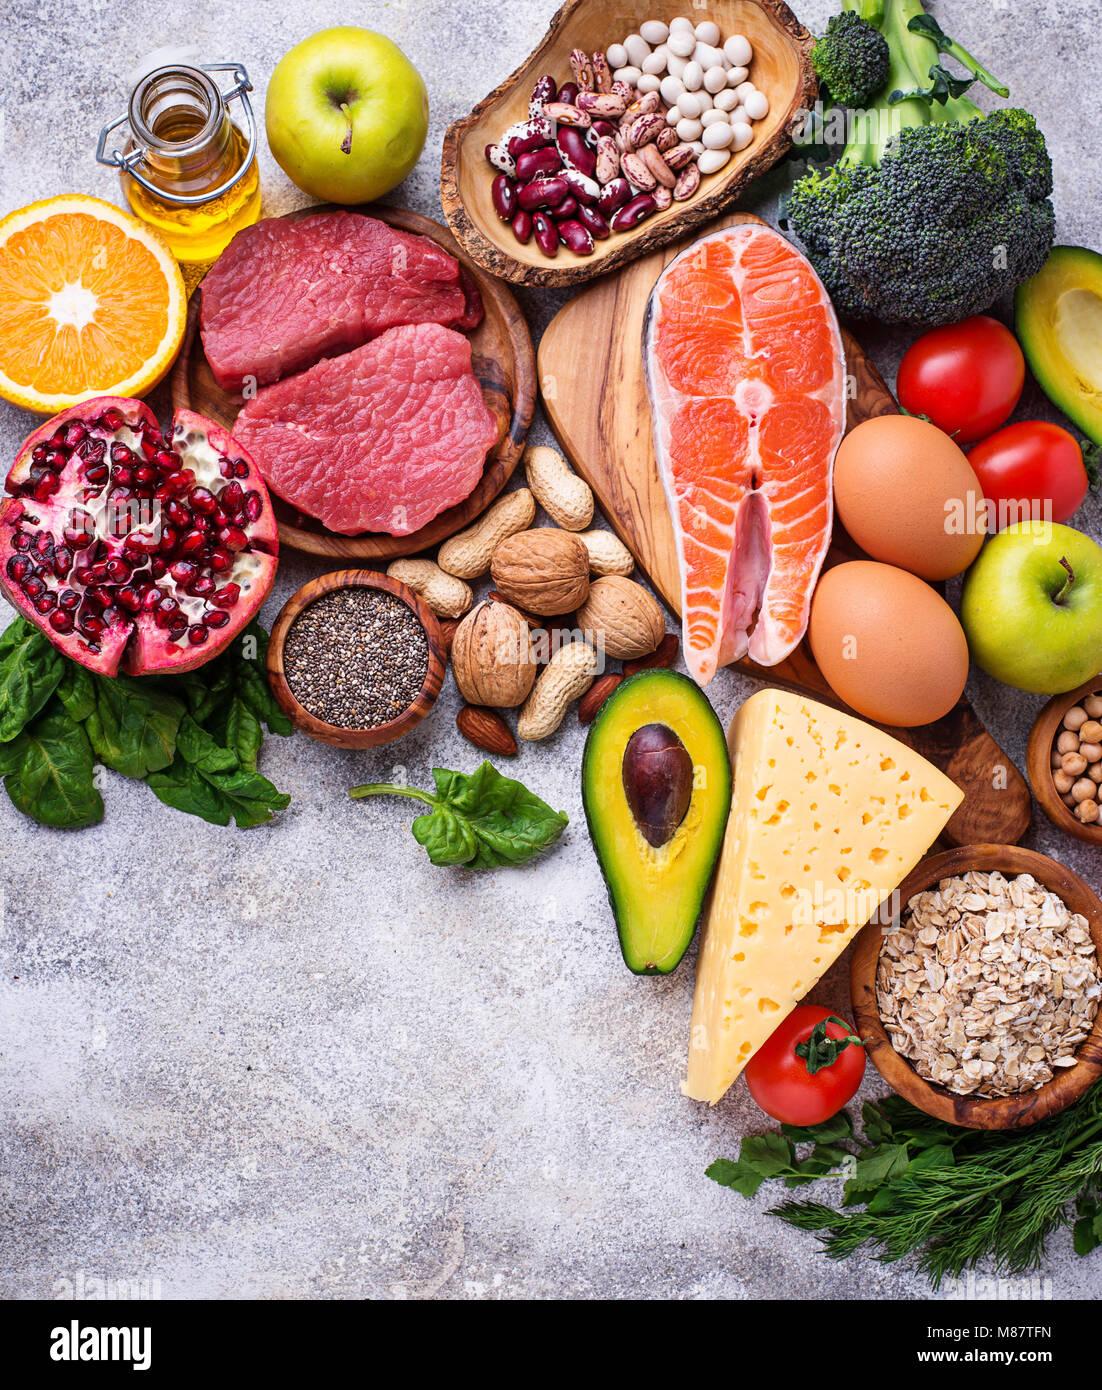 Les aliments biologiques pour une alimentation saine et de l'air Photo Stock